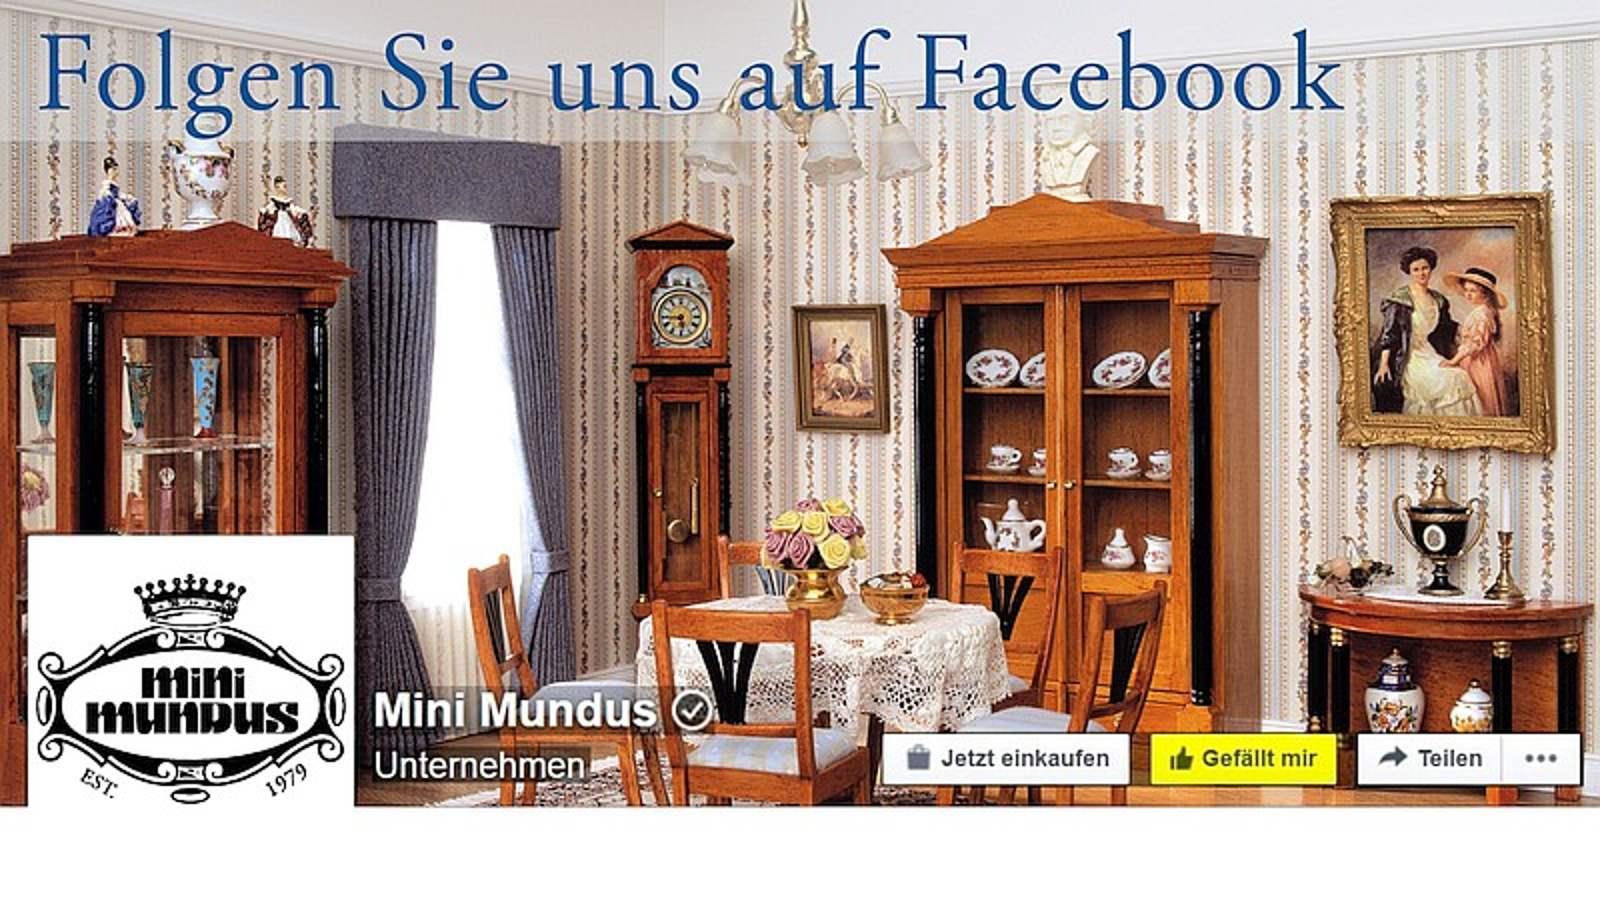 NEU: Mini Mundus Facebook Seite